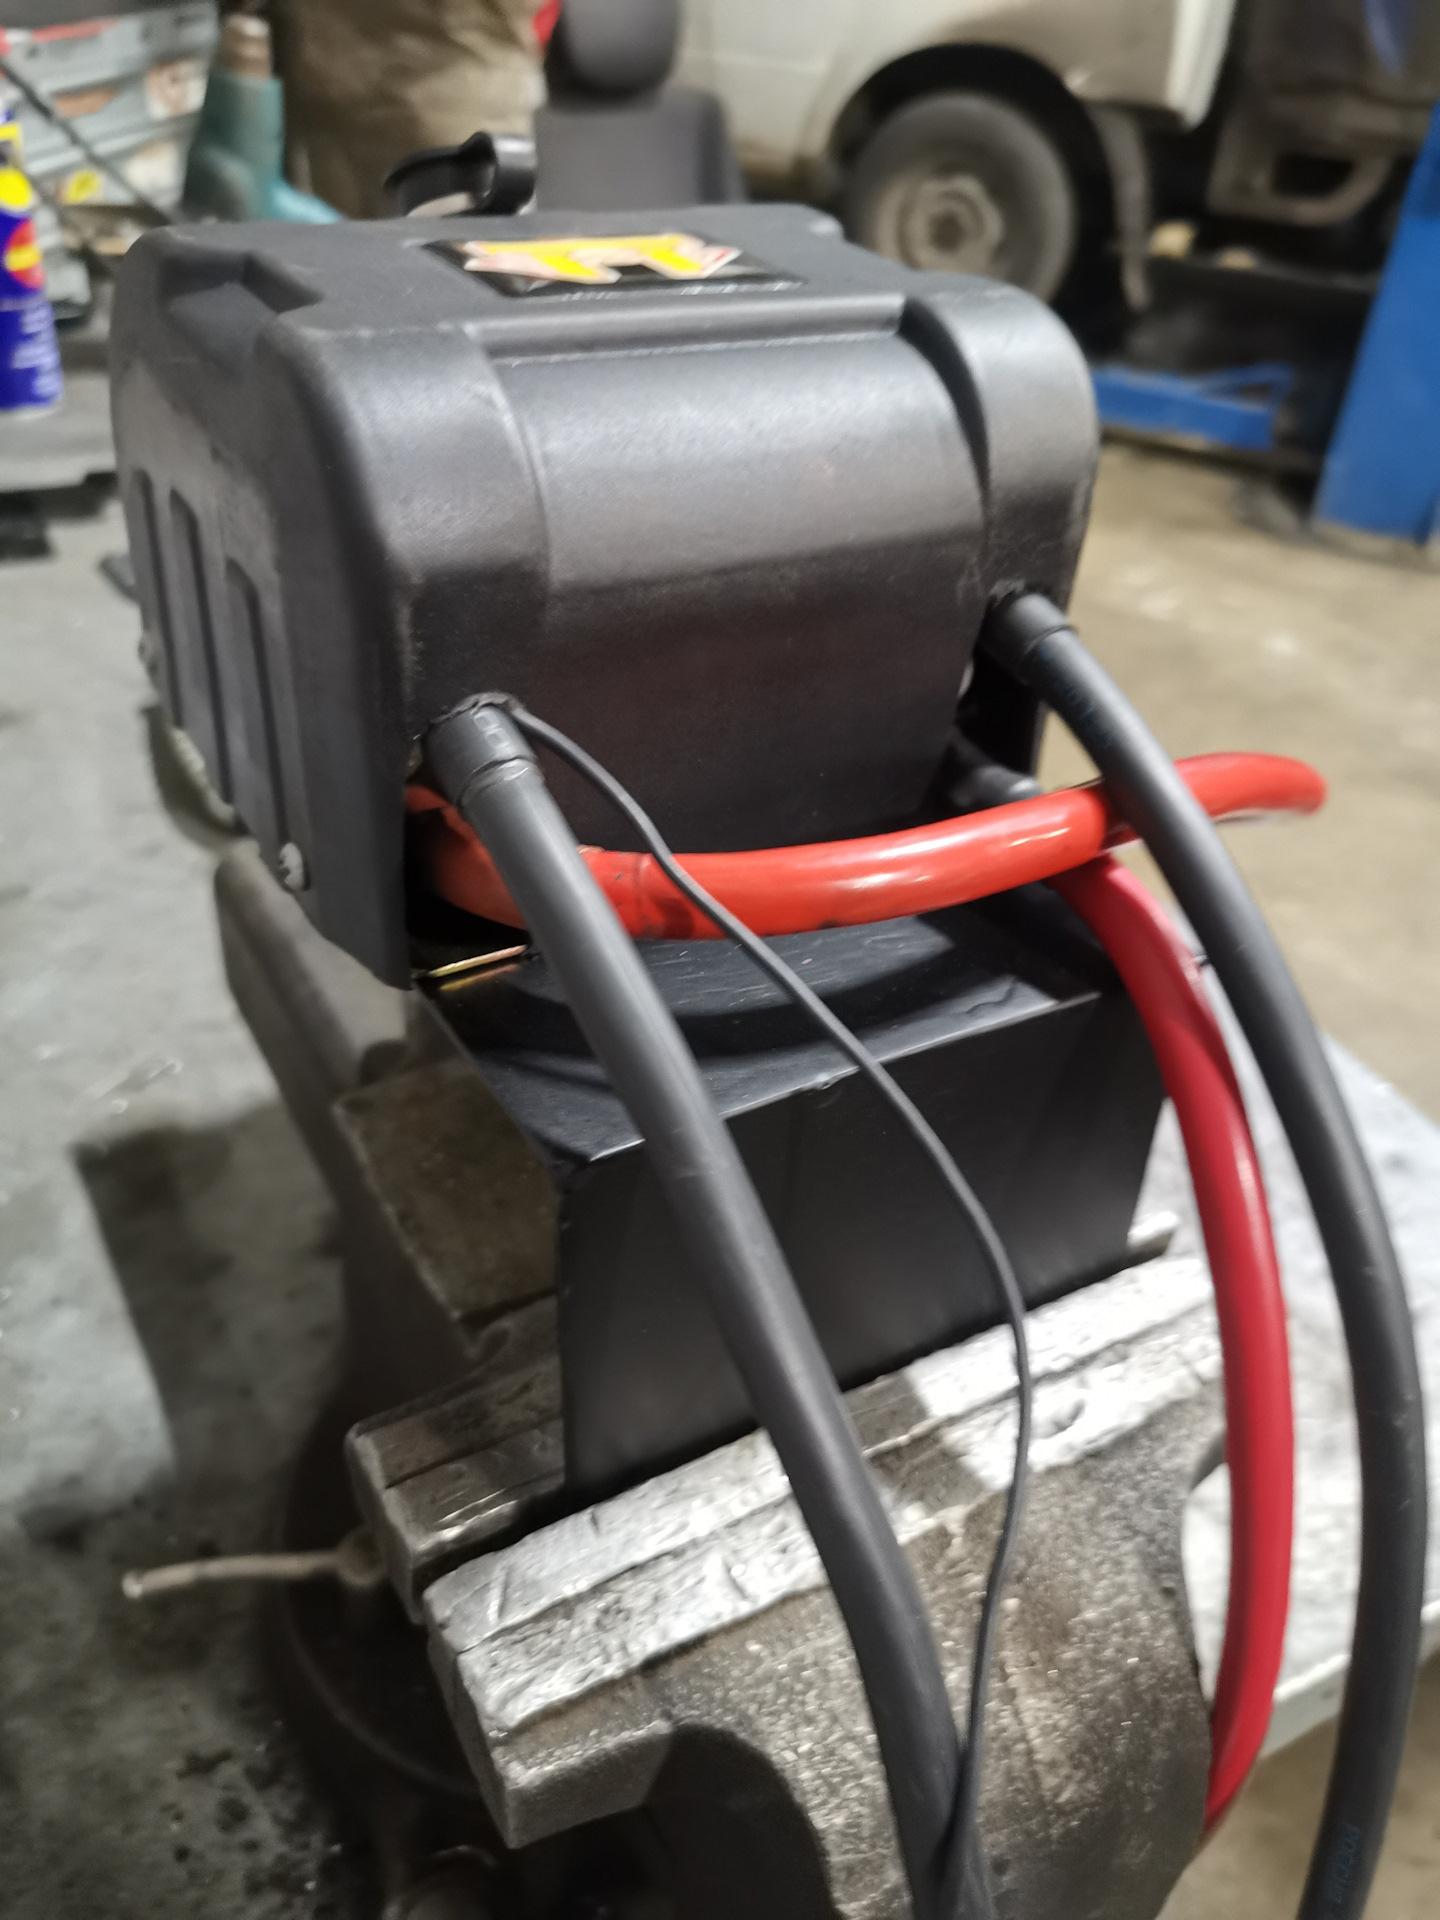 Блок солинойдов было решено располагать у аккумулятора под капотом, в легкодоступном месте и подальше от воды.